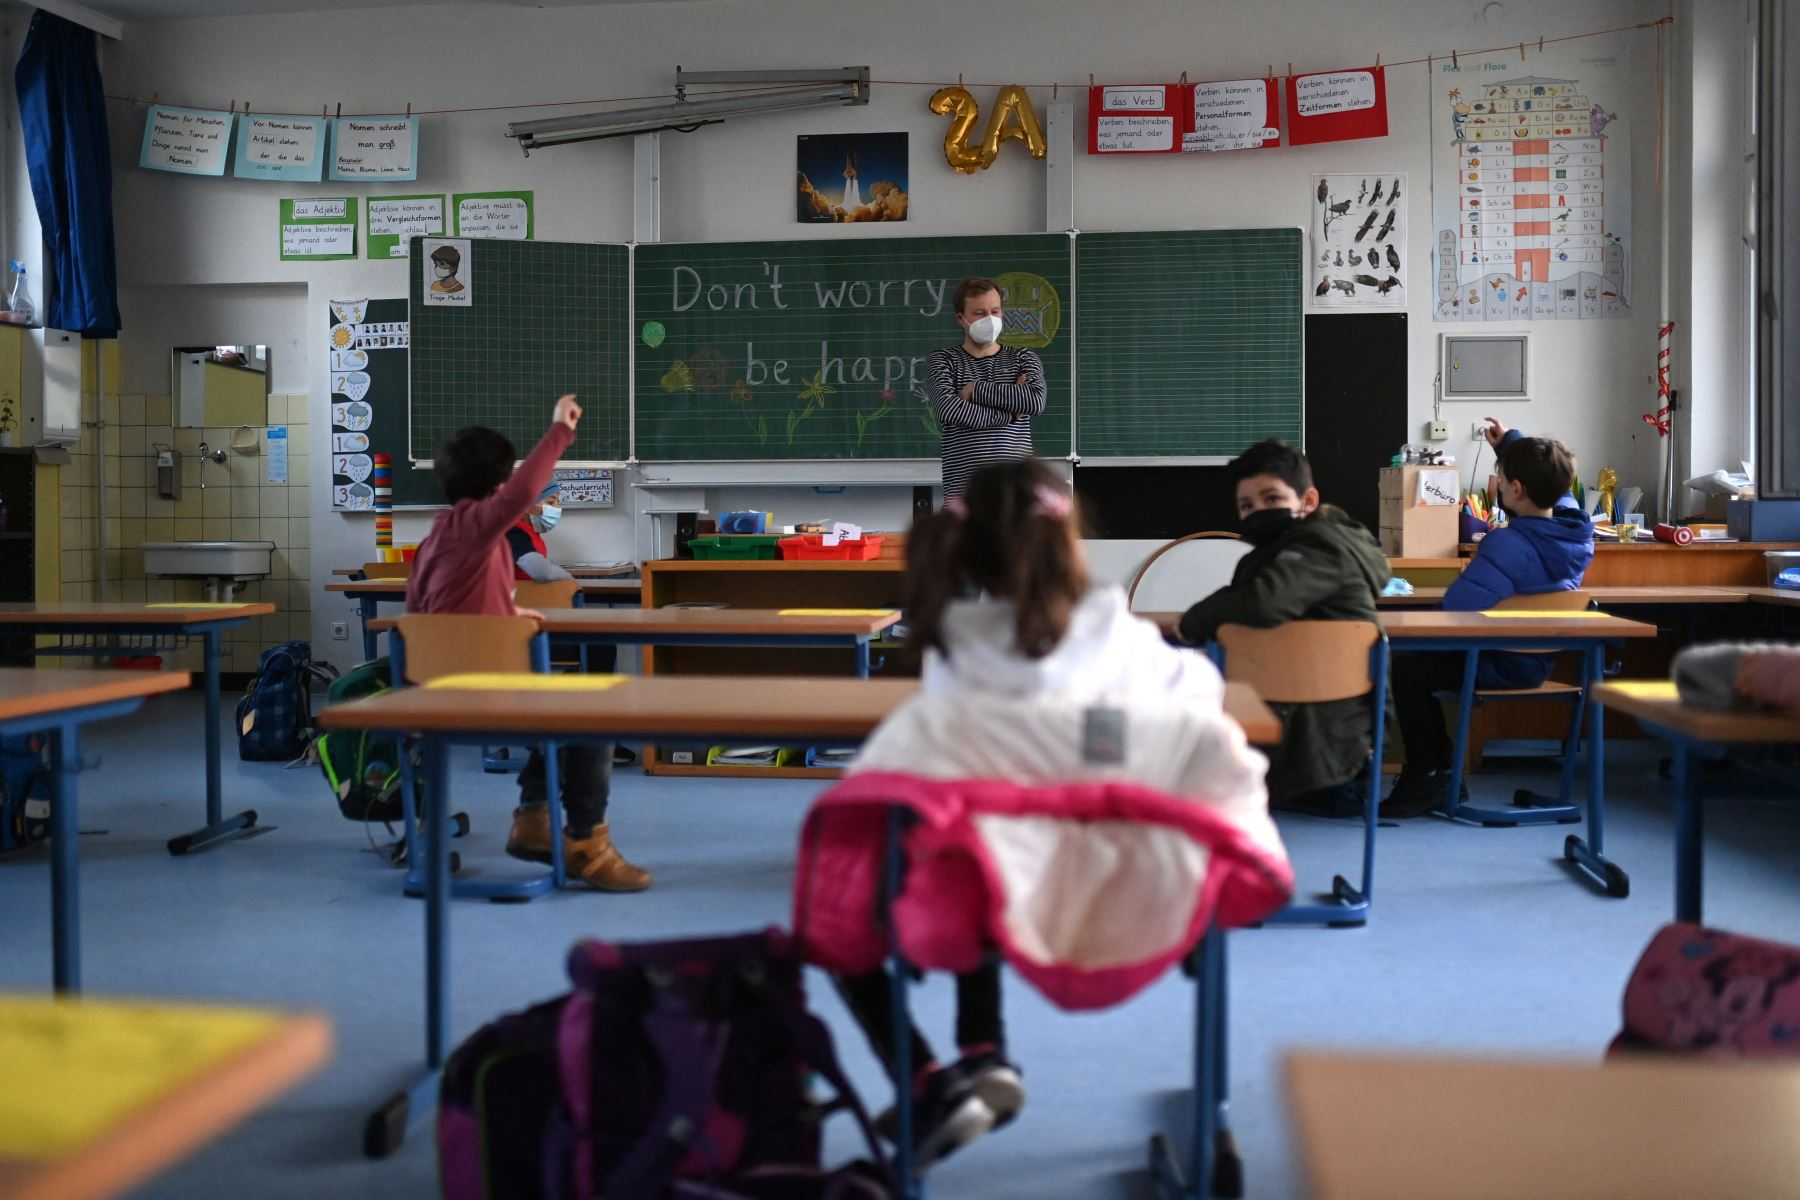 Los alumnos de segundo grado y su maestra usan máscaras faciales mientras asisten a lecciones escolares en la escuela primaria de Petri en Dortmund, Alemania occidental, el 22 de febrero de 2021, en medio de la pandemia Covid-19. Foto: AFP